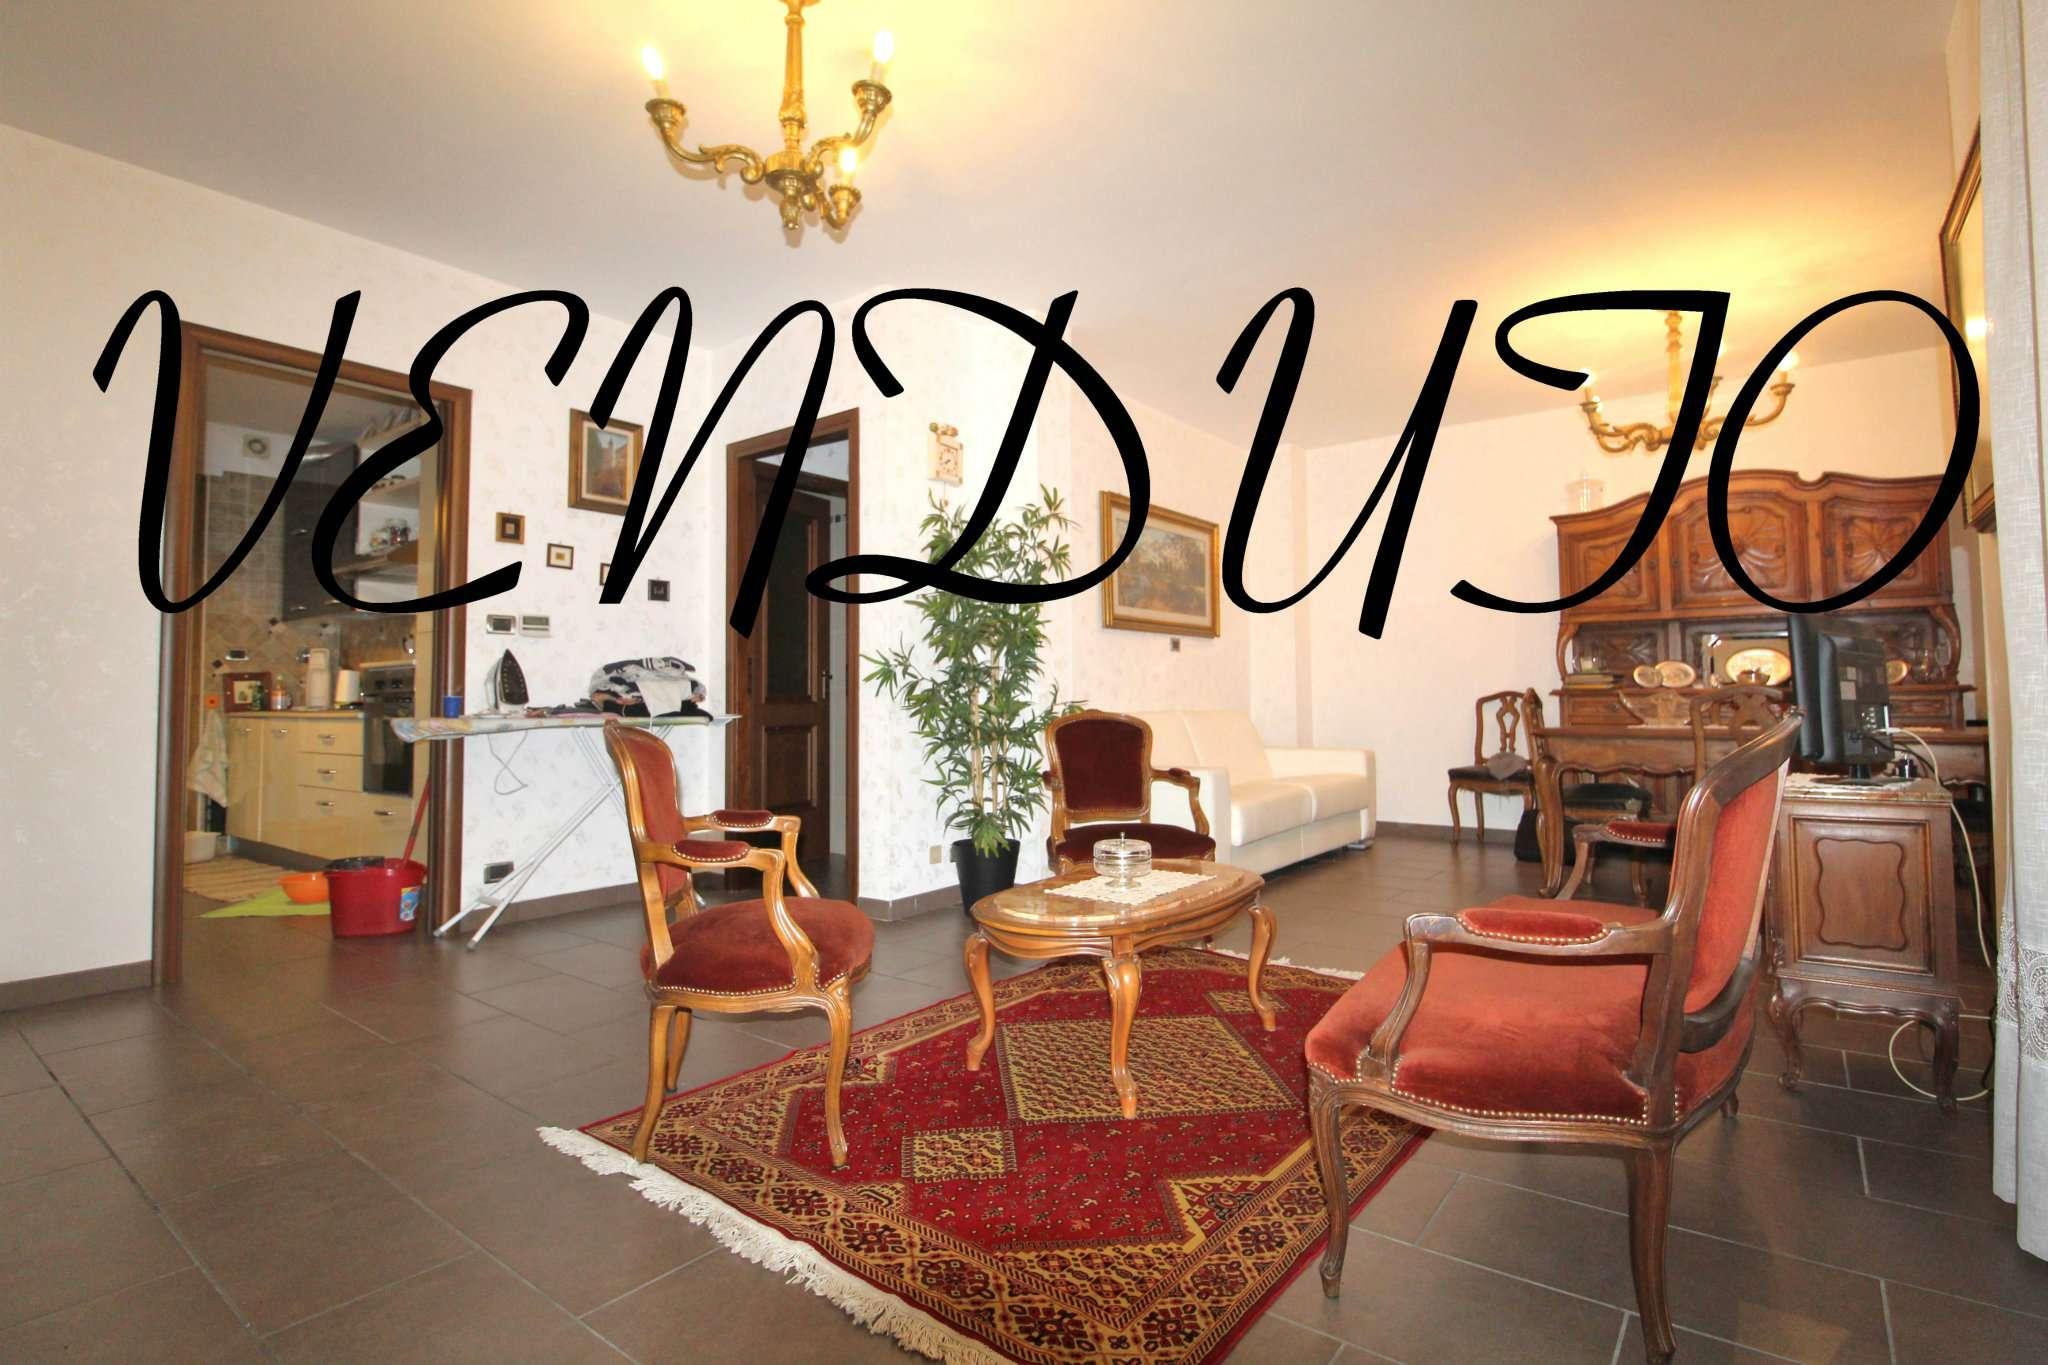 Appartamento in vendita a Candiolo, 5 locali, prezzo € 155.000 | PortaleAgenzieImmobiliari.it